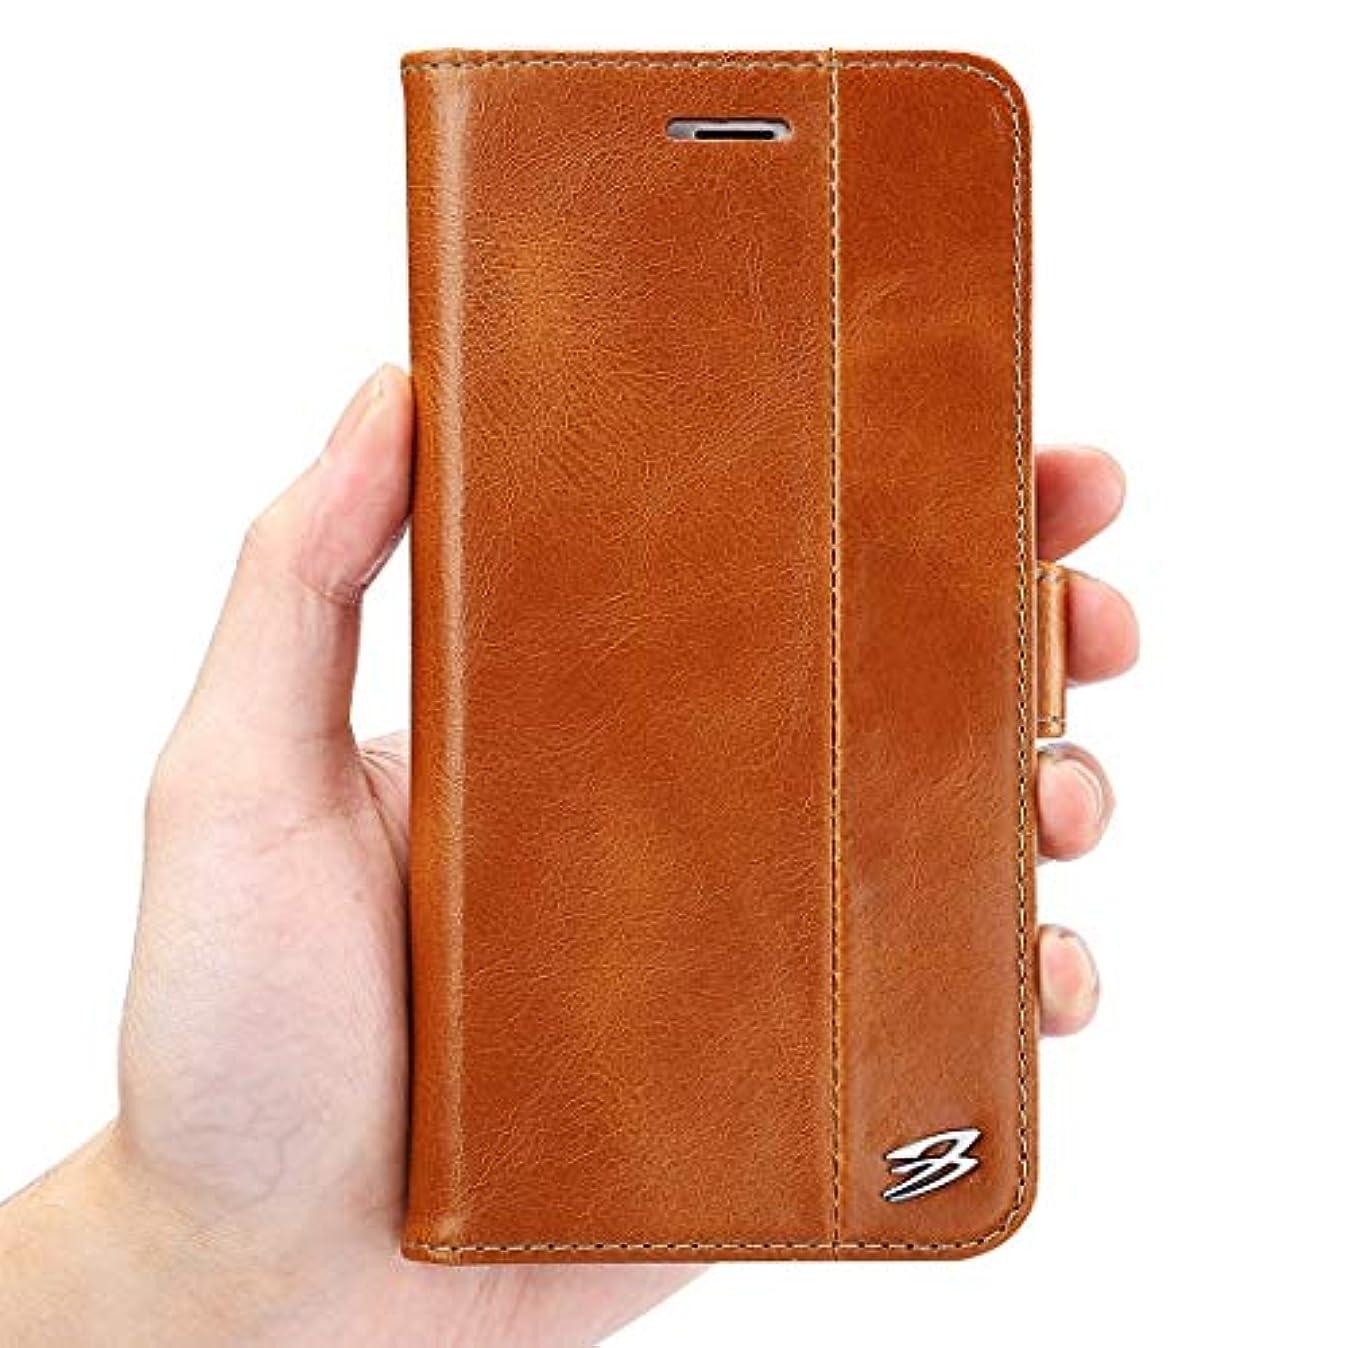 大学生メイエラ主人KAZOKUYiZi スマホケース For iphone 6 7 6p 7p 手帳型 本革 携帯ケース ビジネス風 保護ケース 携帯電話アクセサリー 携帯カバー 電話ケース スタンド機能付き (Color : 赤, Size : IPhone6 plus)